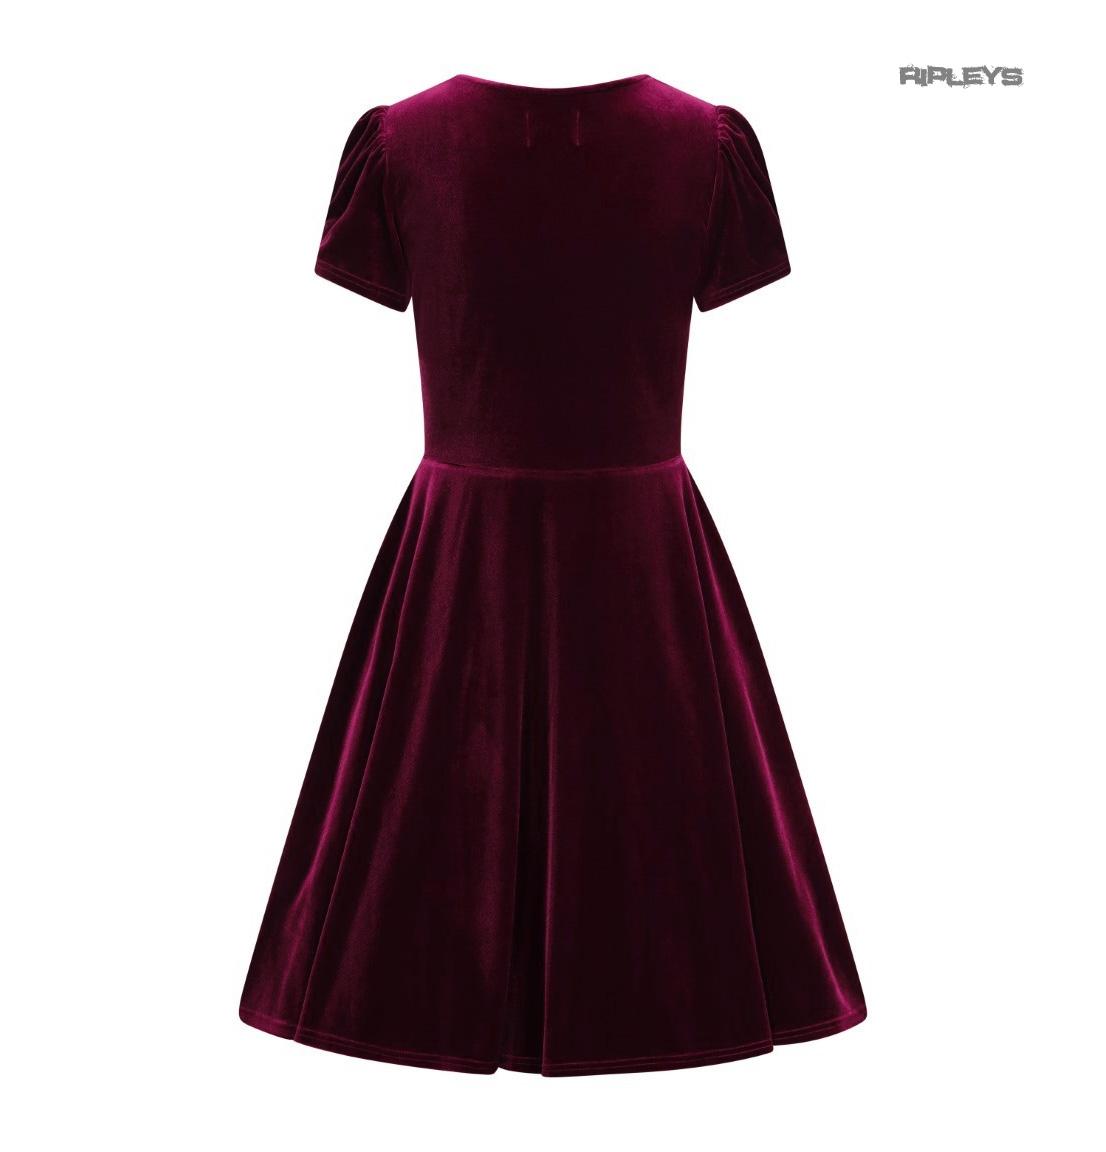 Hell-Bunny-40s-50s-Elegant-Pin-Up-Dress-JOANNE-Crushed-Velvet-Burgundy-All-Sizes thumbnail 12